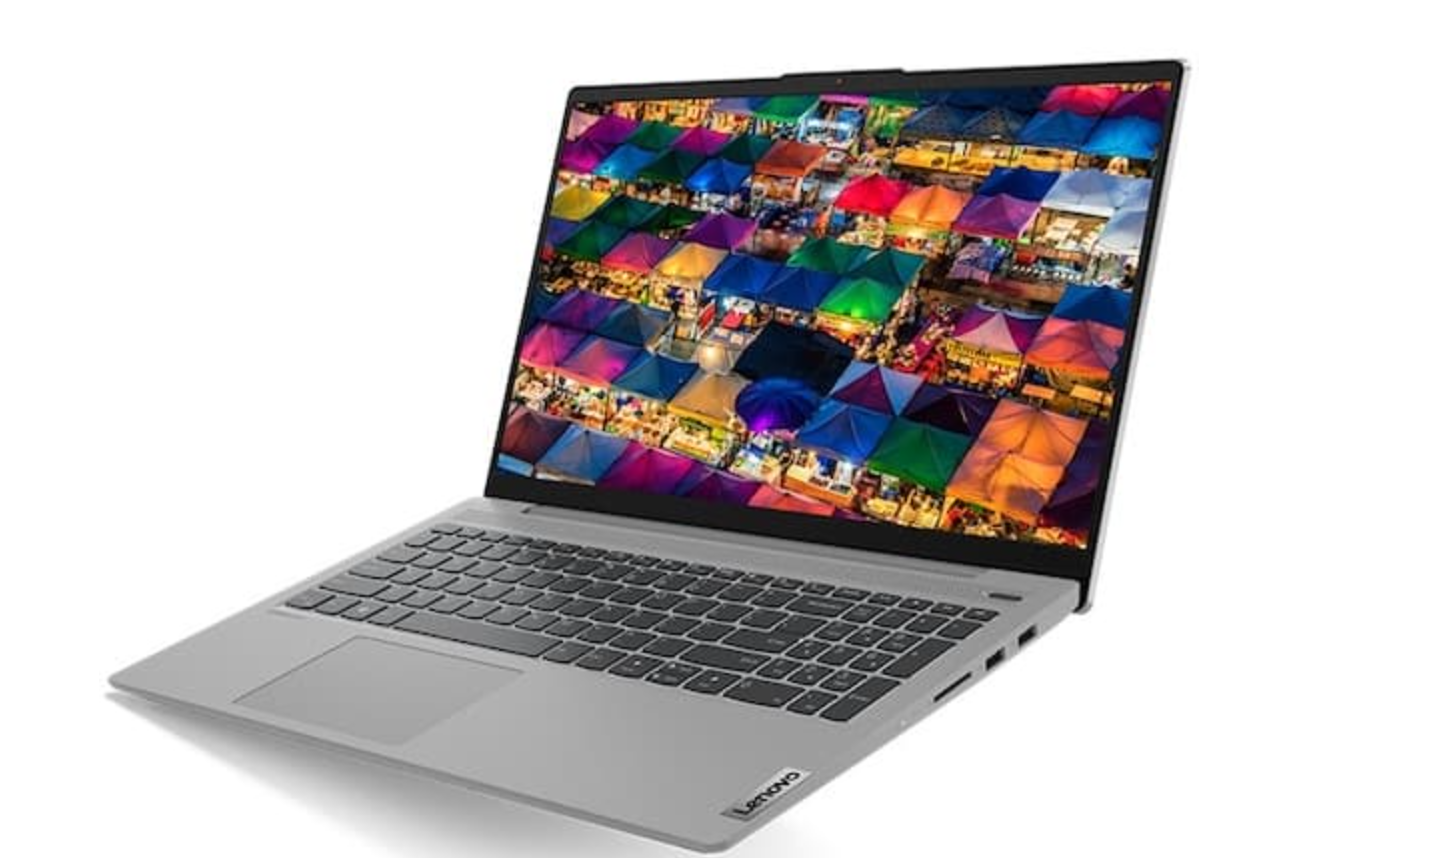 Top 10 mẫu laptop đáng mua nhất trong tầm giá 15 triệu đồng (Phần 2) ảnh 4